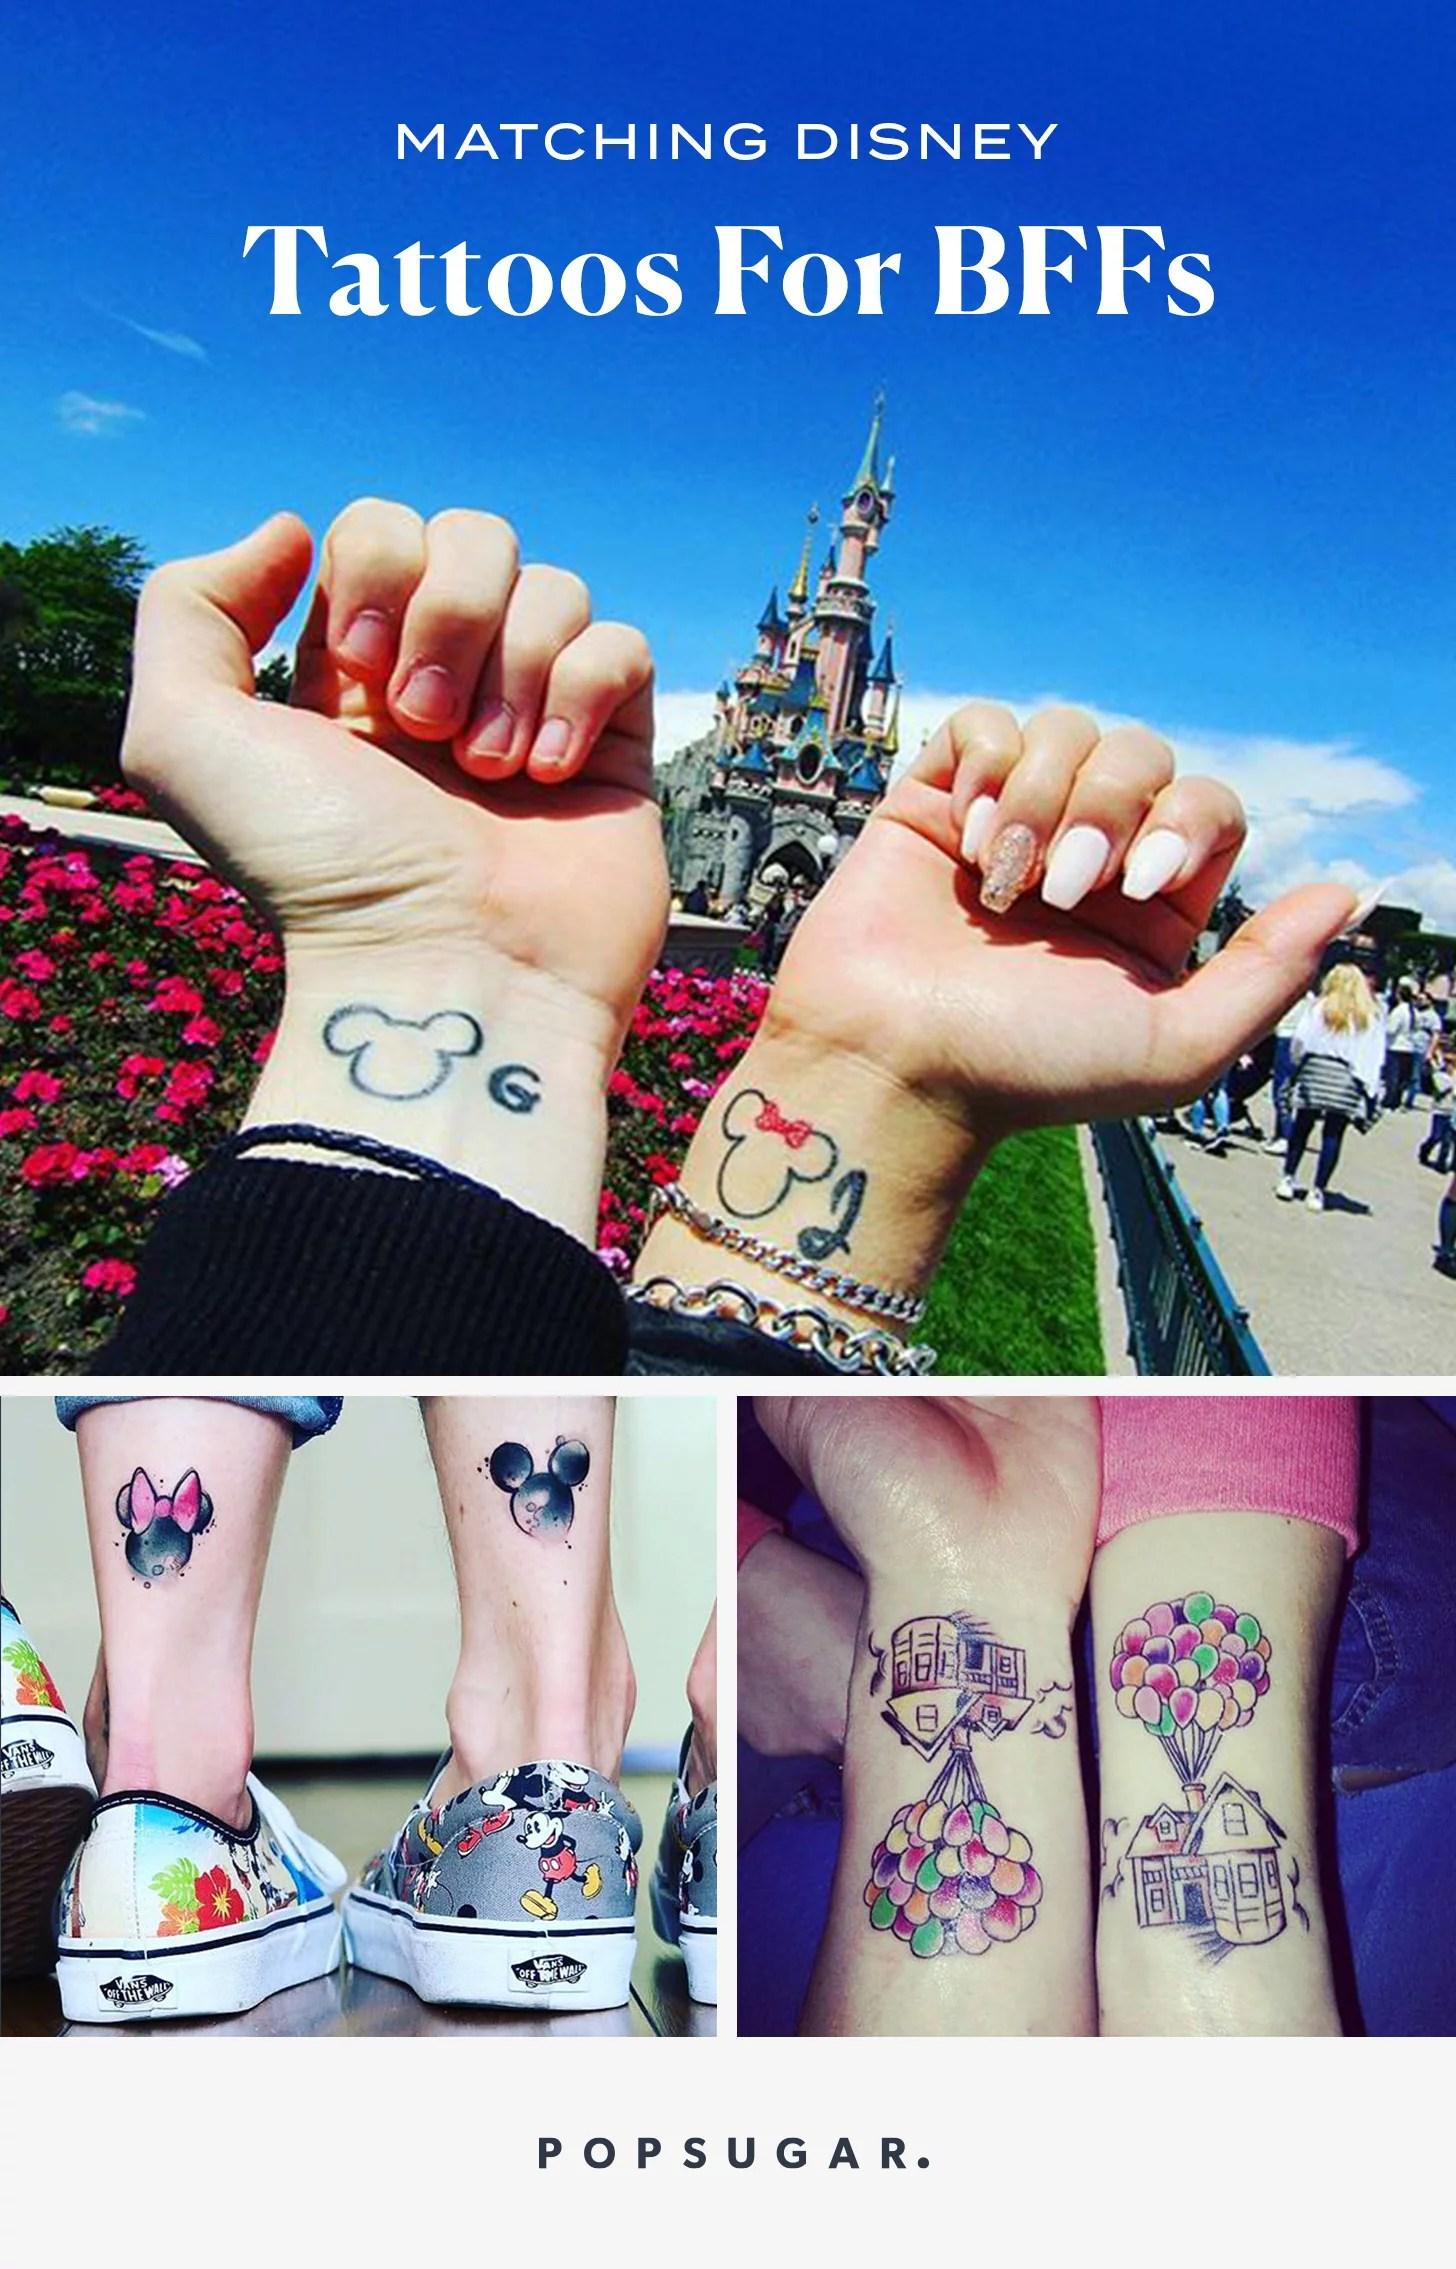 Disney Best Friend Tattoos : disney, friend, tattoos, Matching, Disney, Tattoos, POPSUGAR